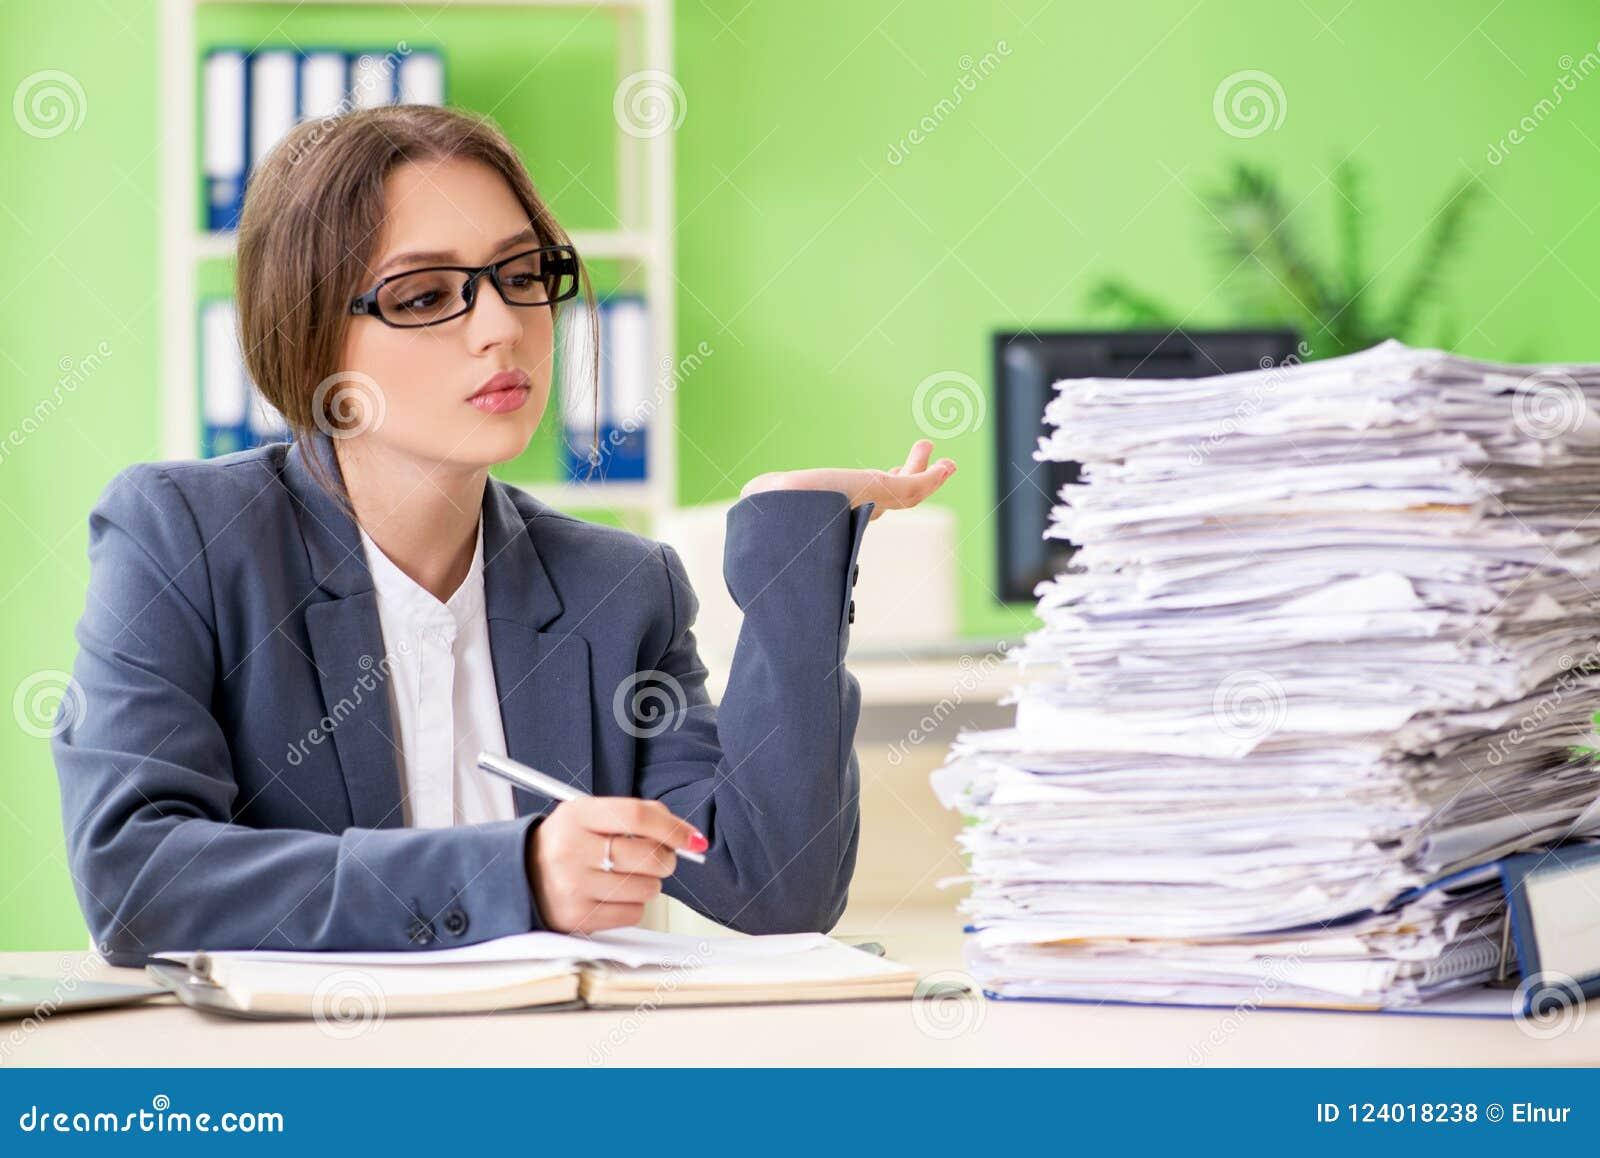 O empregado do sexo feminino novo muito ocupado com documento em curso